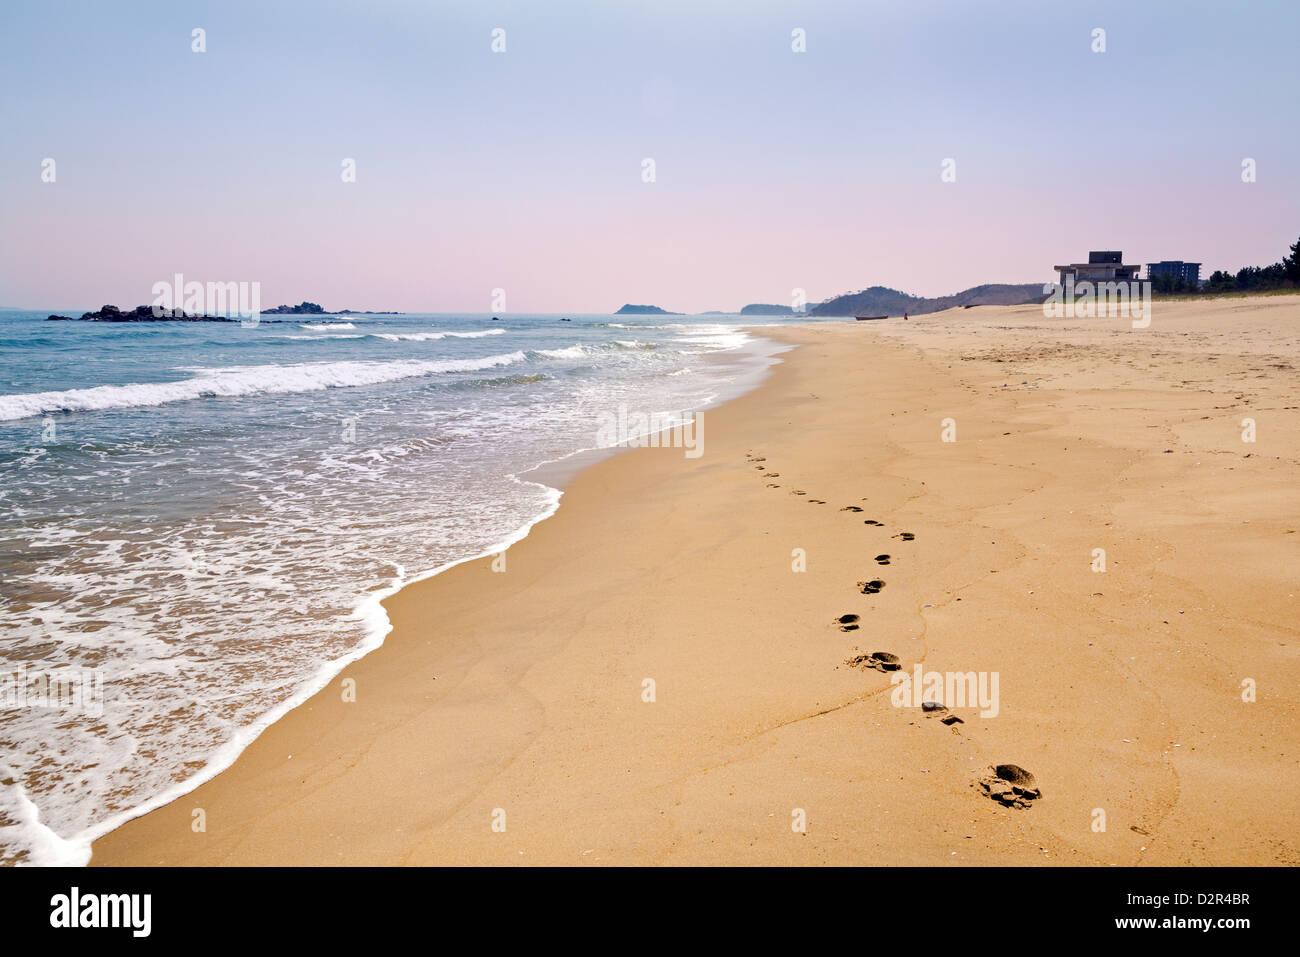 Zona de playa al sur de Wonsan, Mar Oriental de Corea, República Popular Democrática de Corea (RPDC), Imagen De Stock